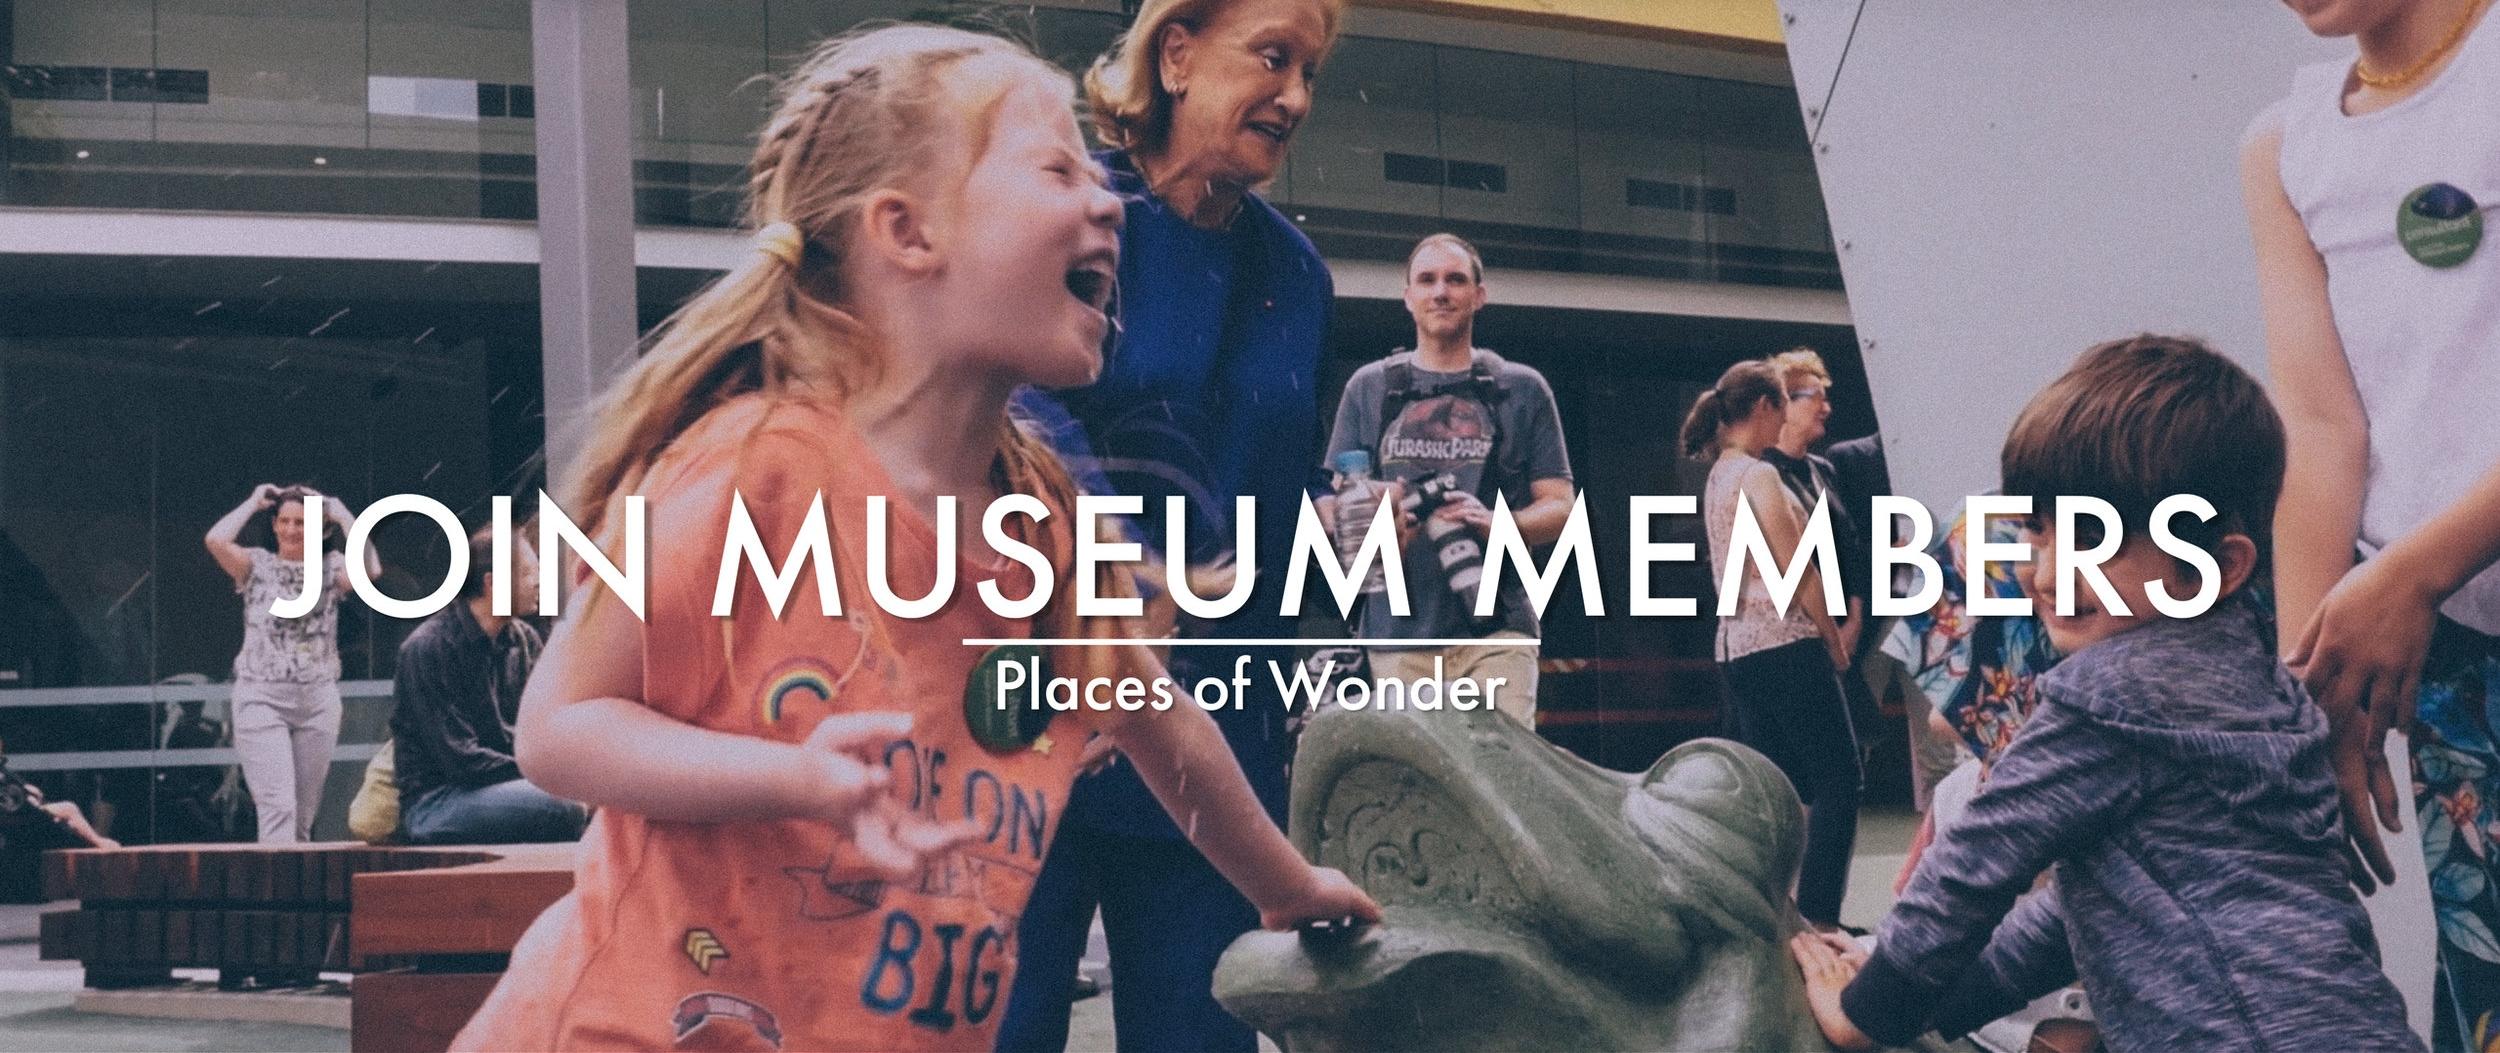 join-museum-members.jpg